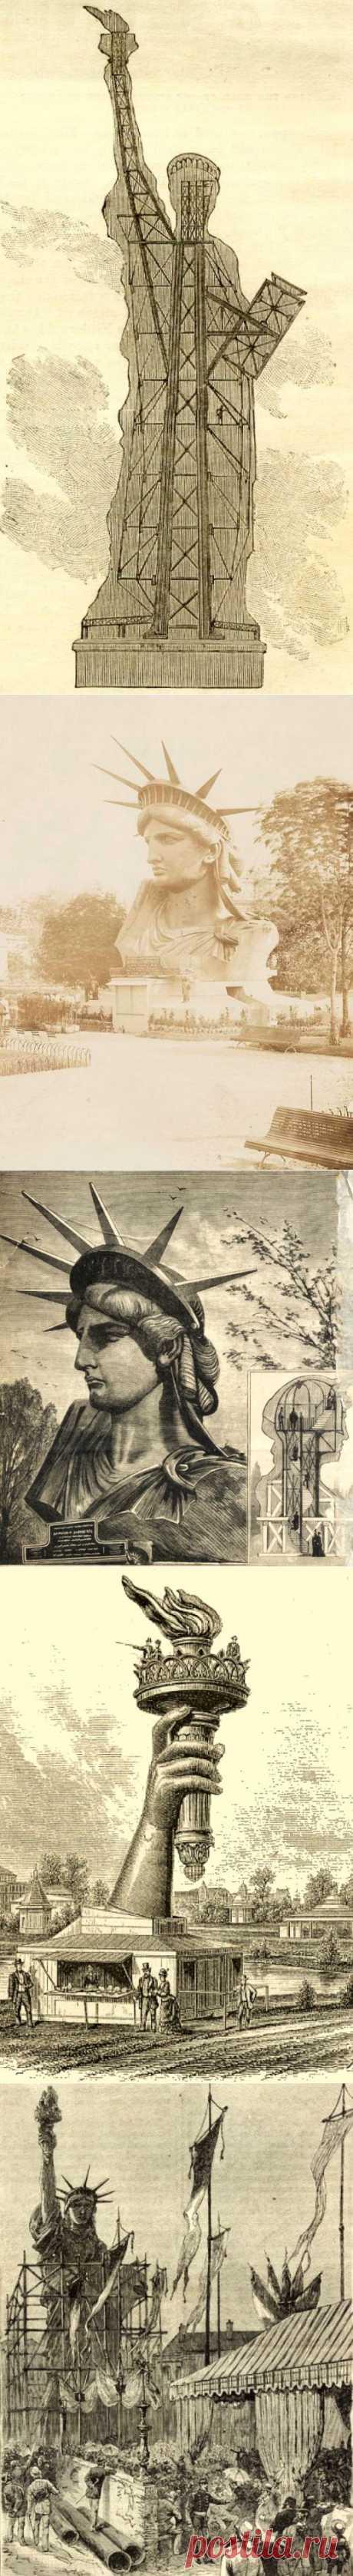 Cтатуя свободы - богиня тьмы - Информационный портал